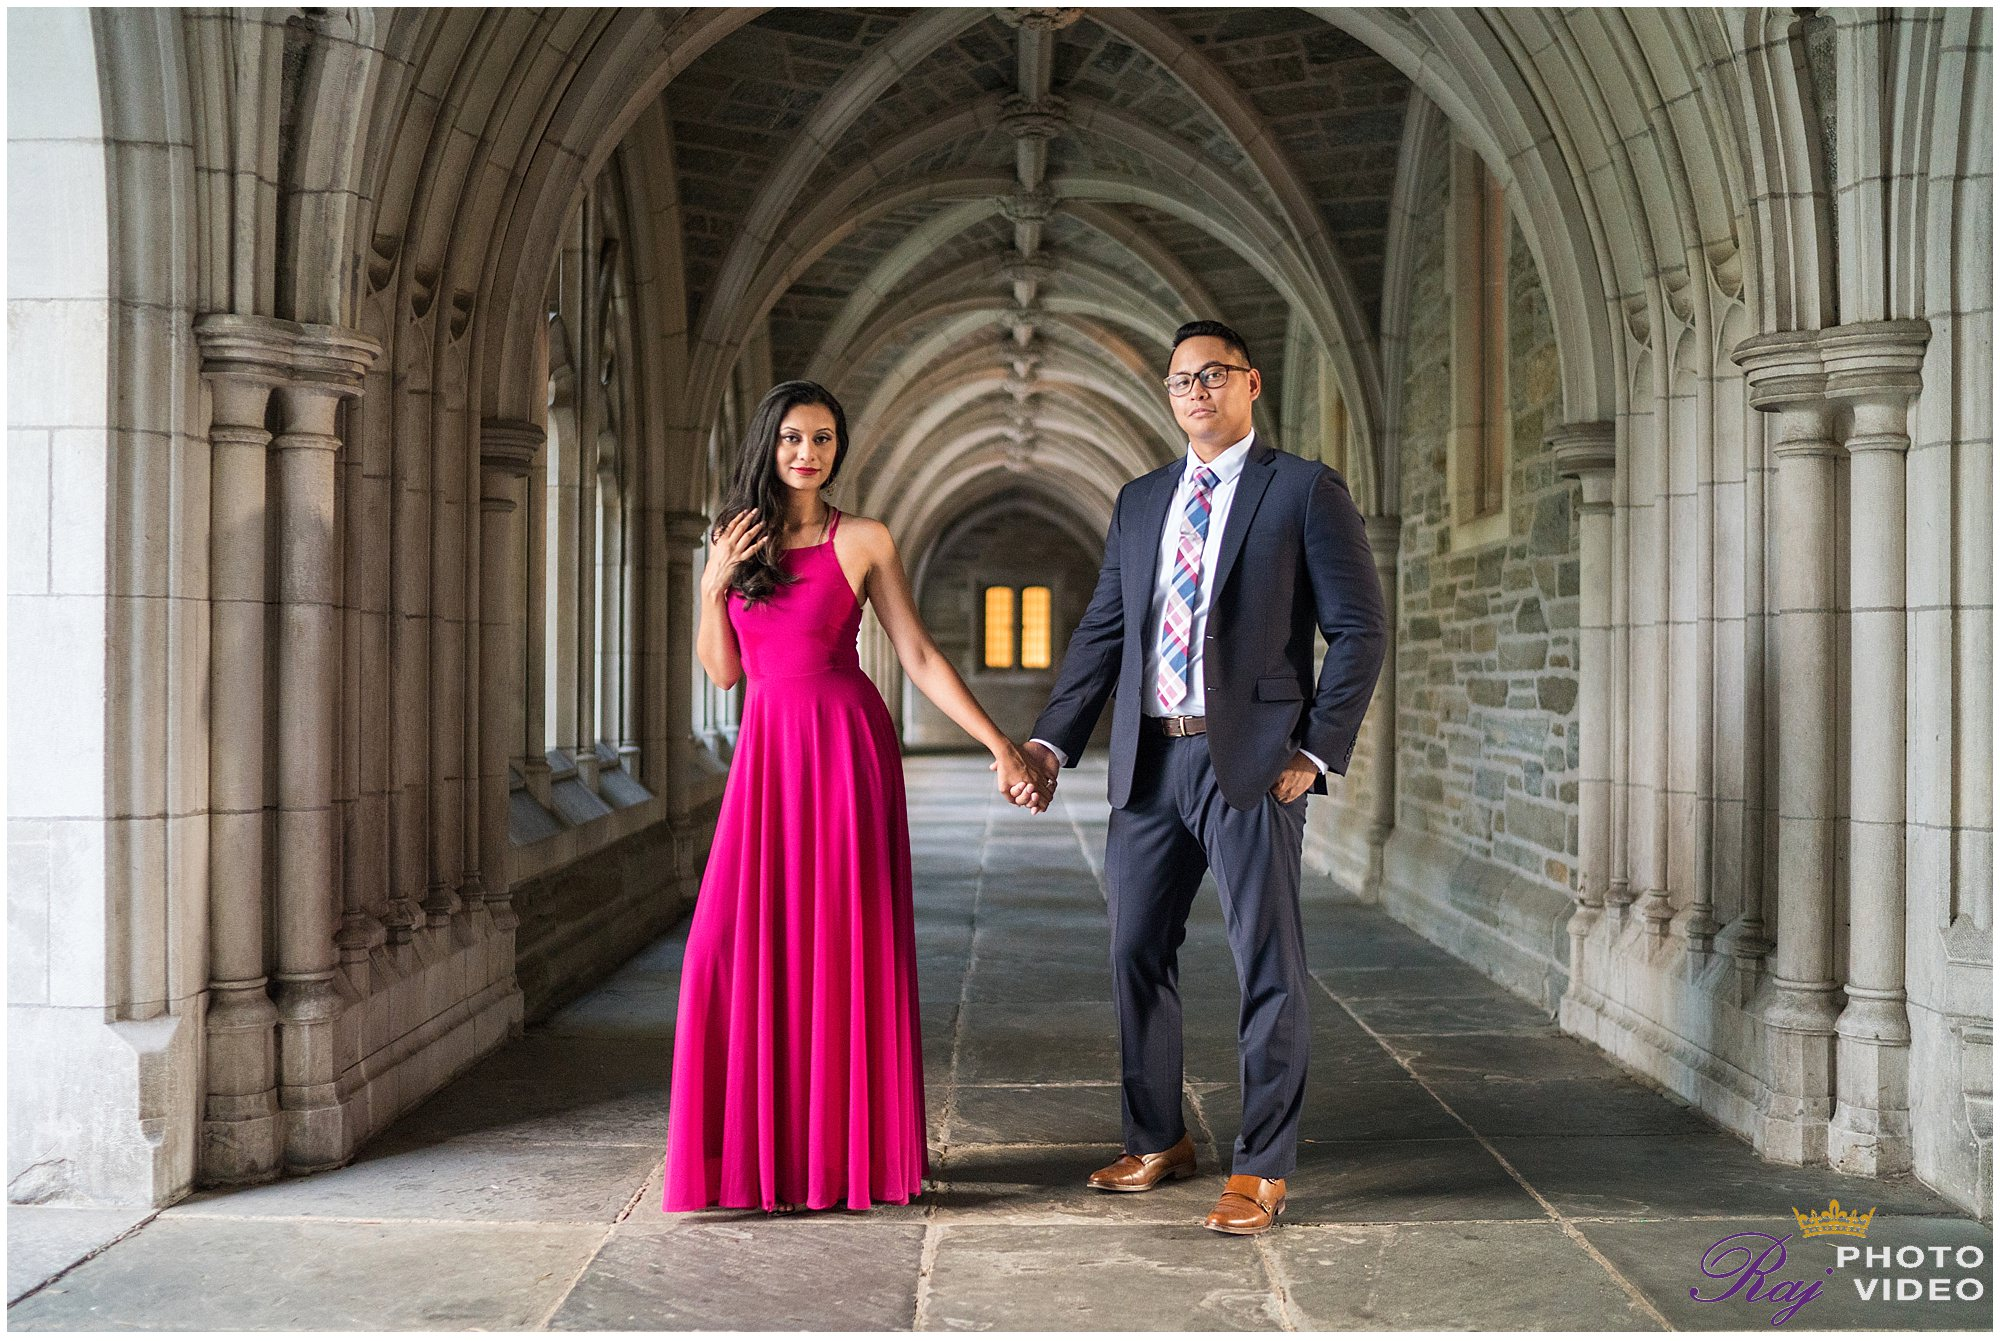 Princeton-University-Princeton-NJ-Engagement-Shoot-Khusbu-Jeff-14.jpg